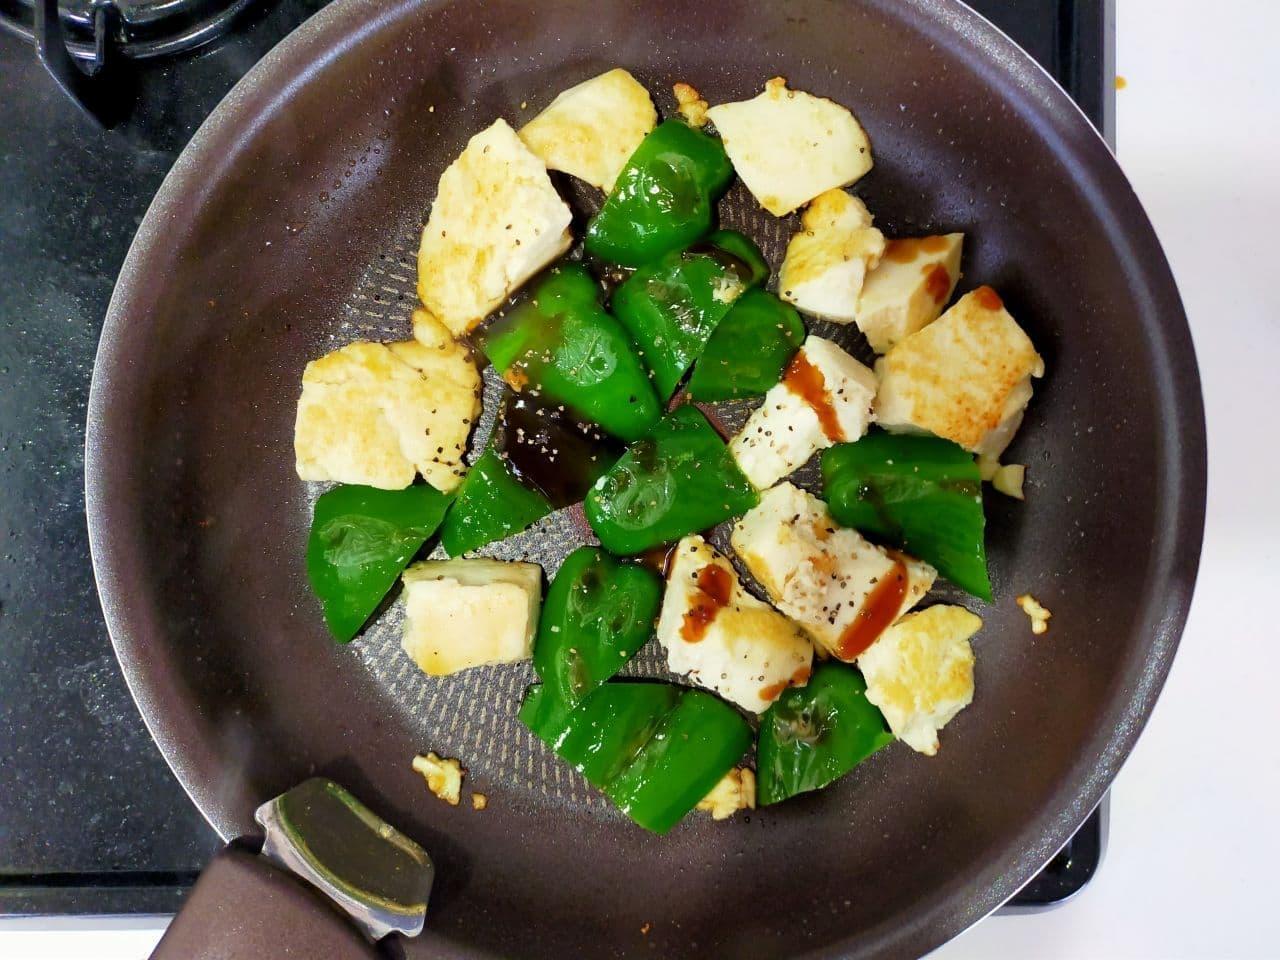 「ピーマンと豆腐のオイスターバター」レシピ